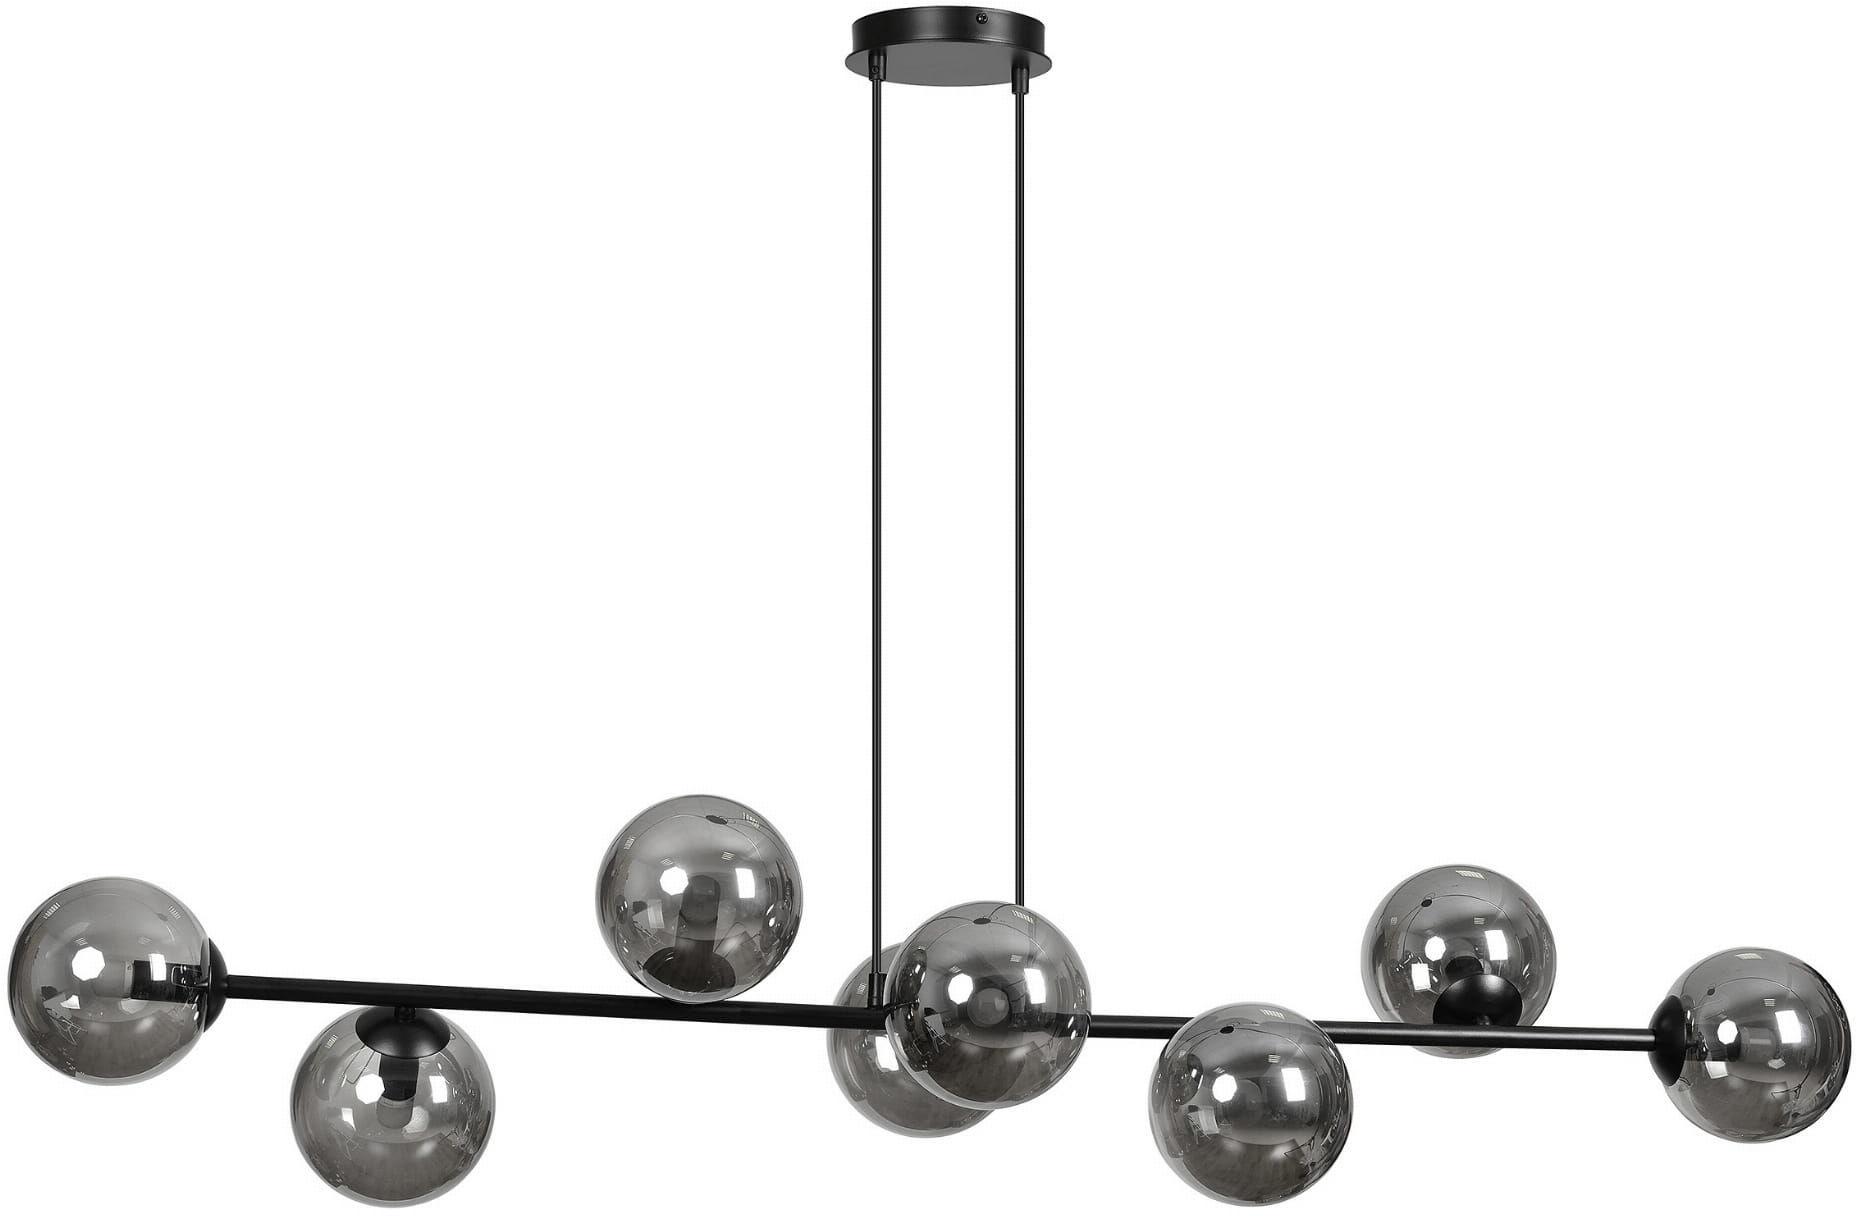 Emibig ROSSI 8 BL/GRAFIT 875/8 lampa wisząca nowoczesna metal czarna szklane klosze 8x40W E14 130cm